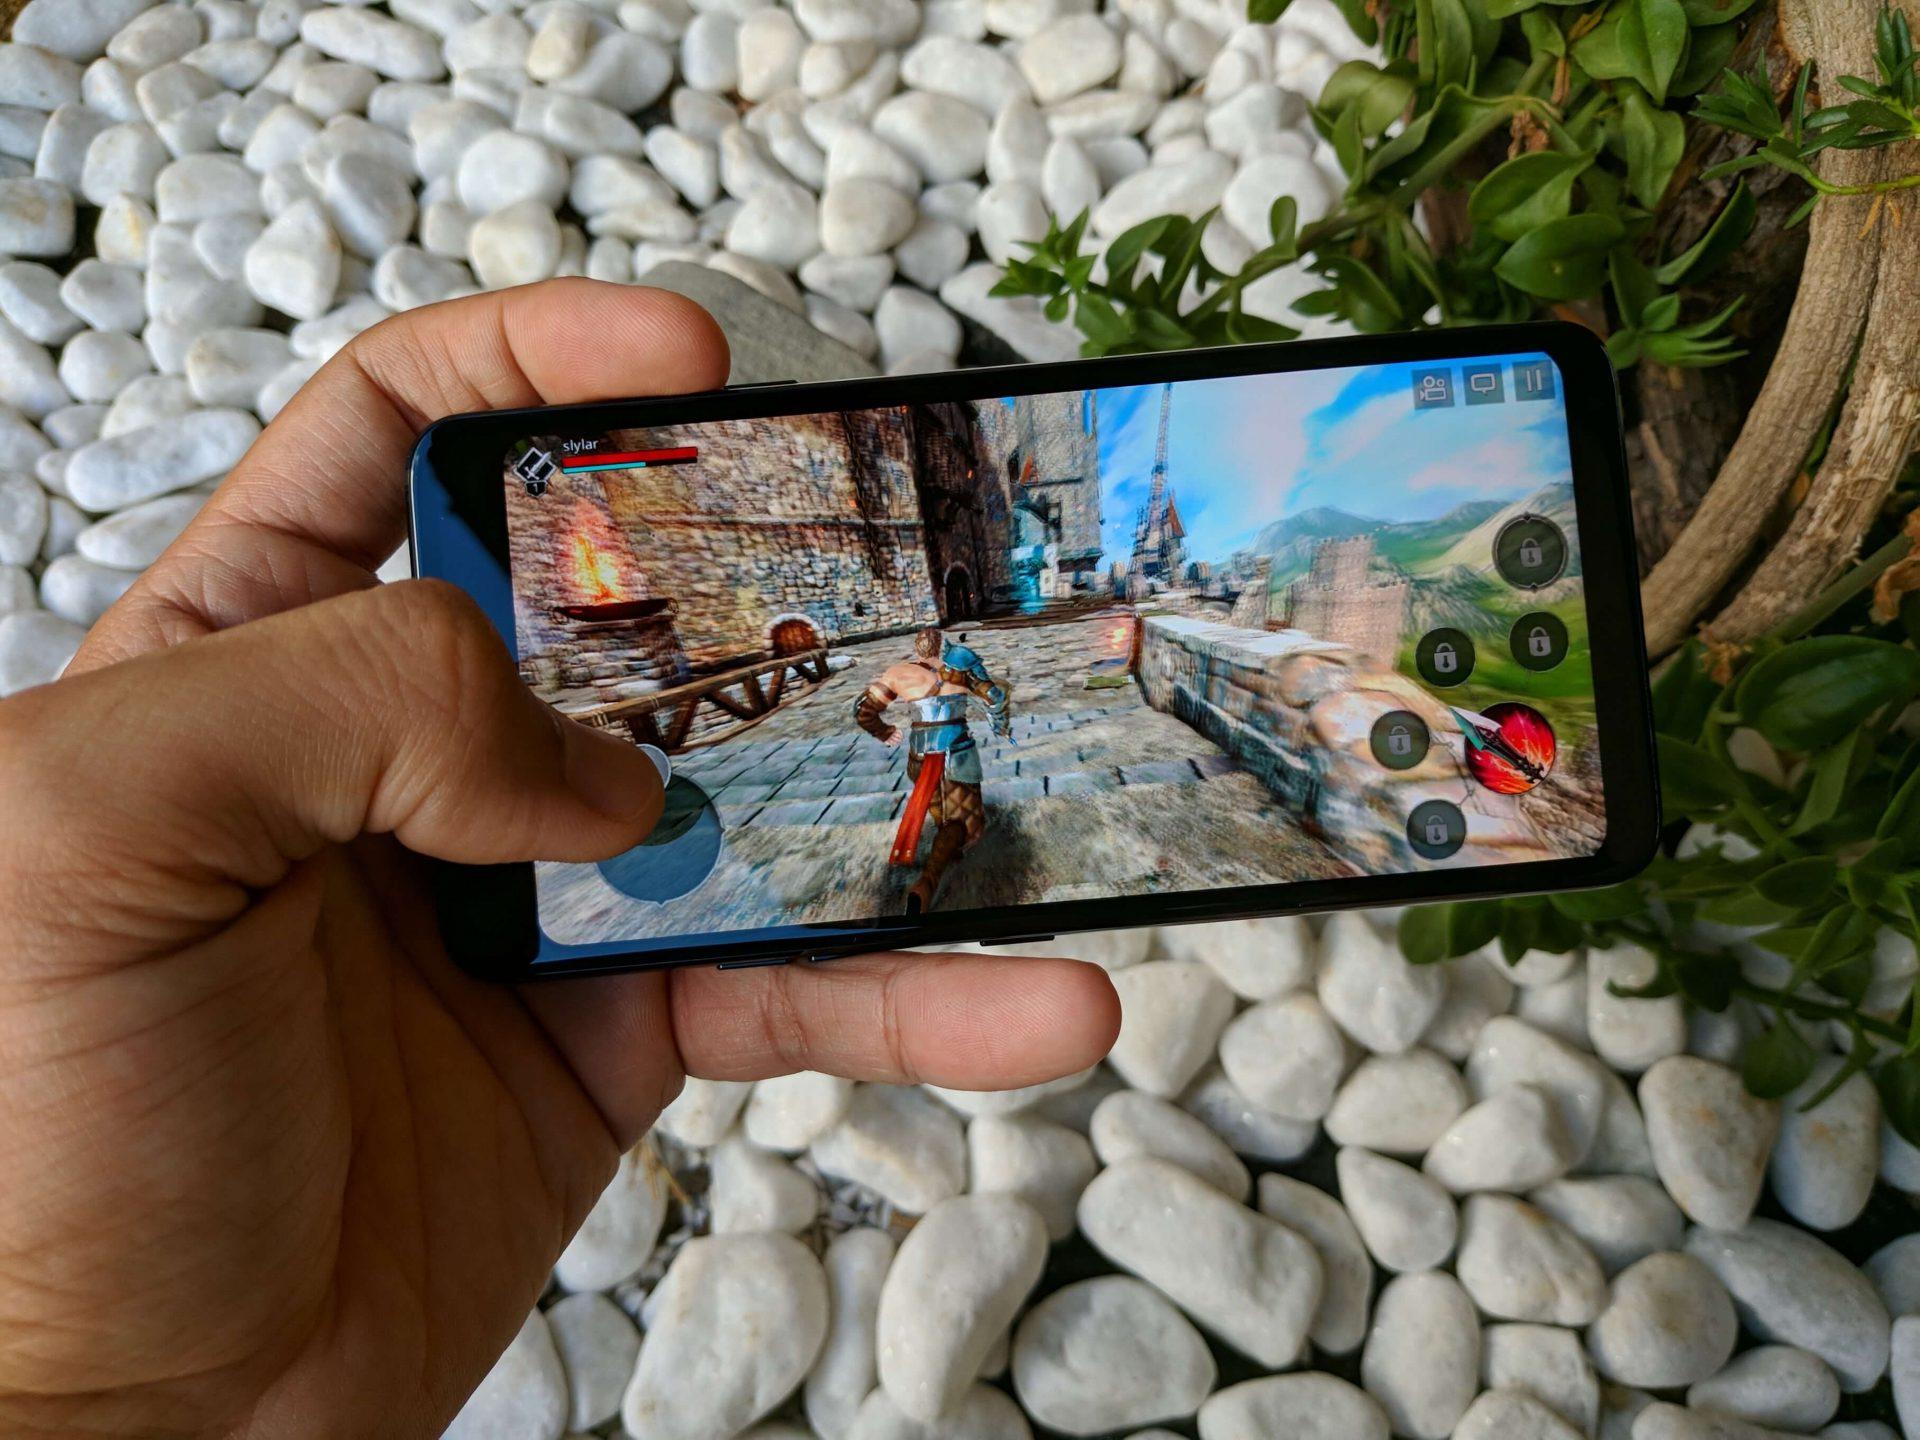 IMG 20181111 175337 - REVIEW: LG G7 ThinQ, um smartphone racional e de ótimo custo-benefício